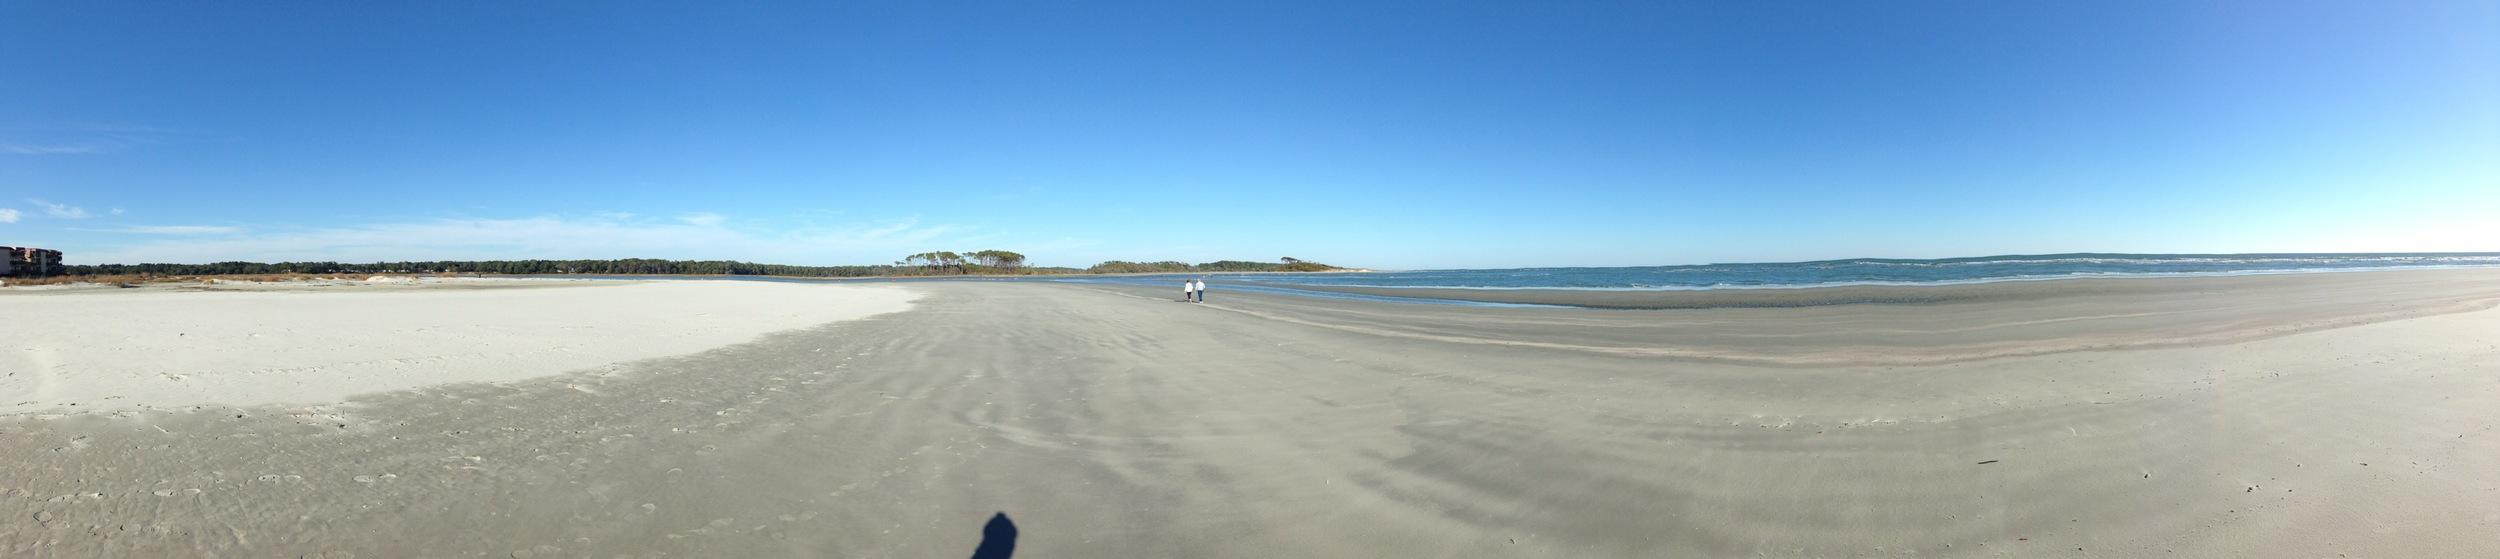 Beach_North_ocean_Blvd_NMB